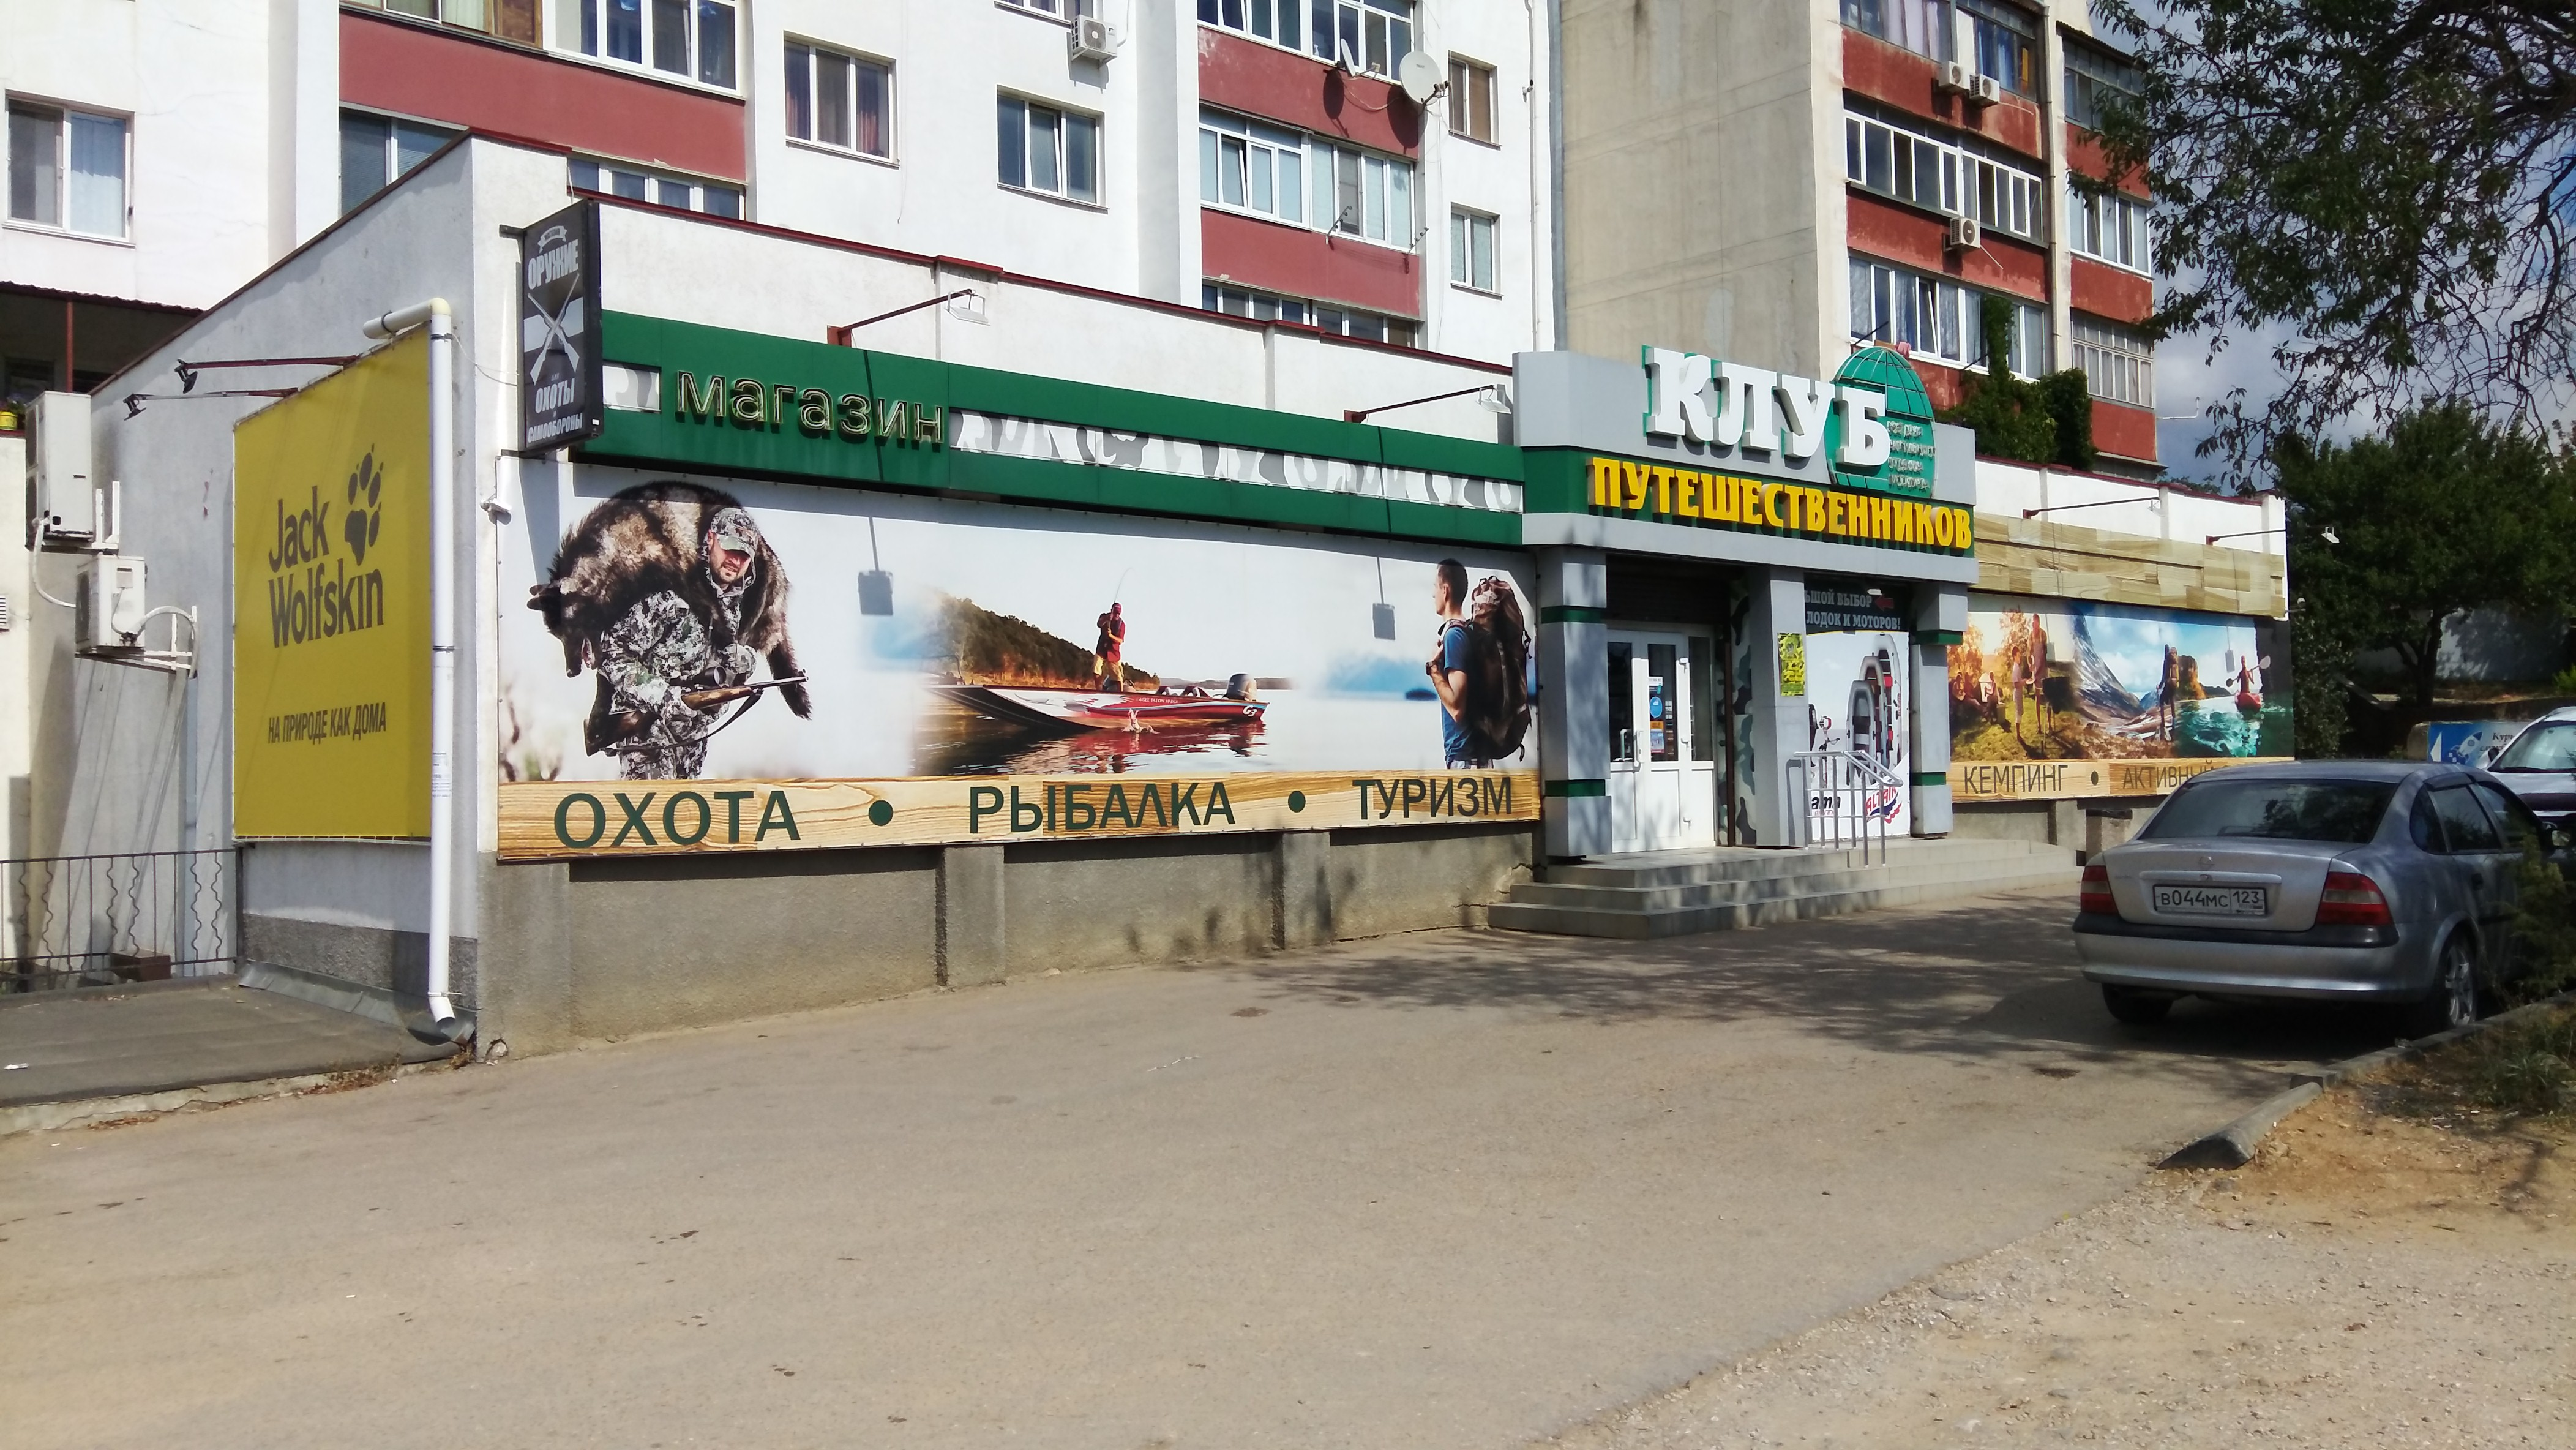 Магазин Клуб Путешественников Севастополь Официальный Сайт